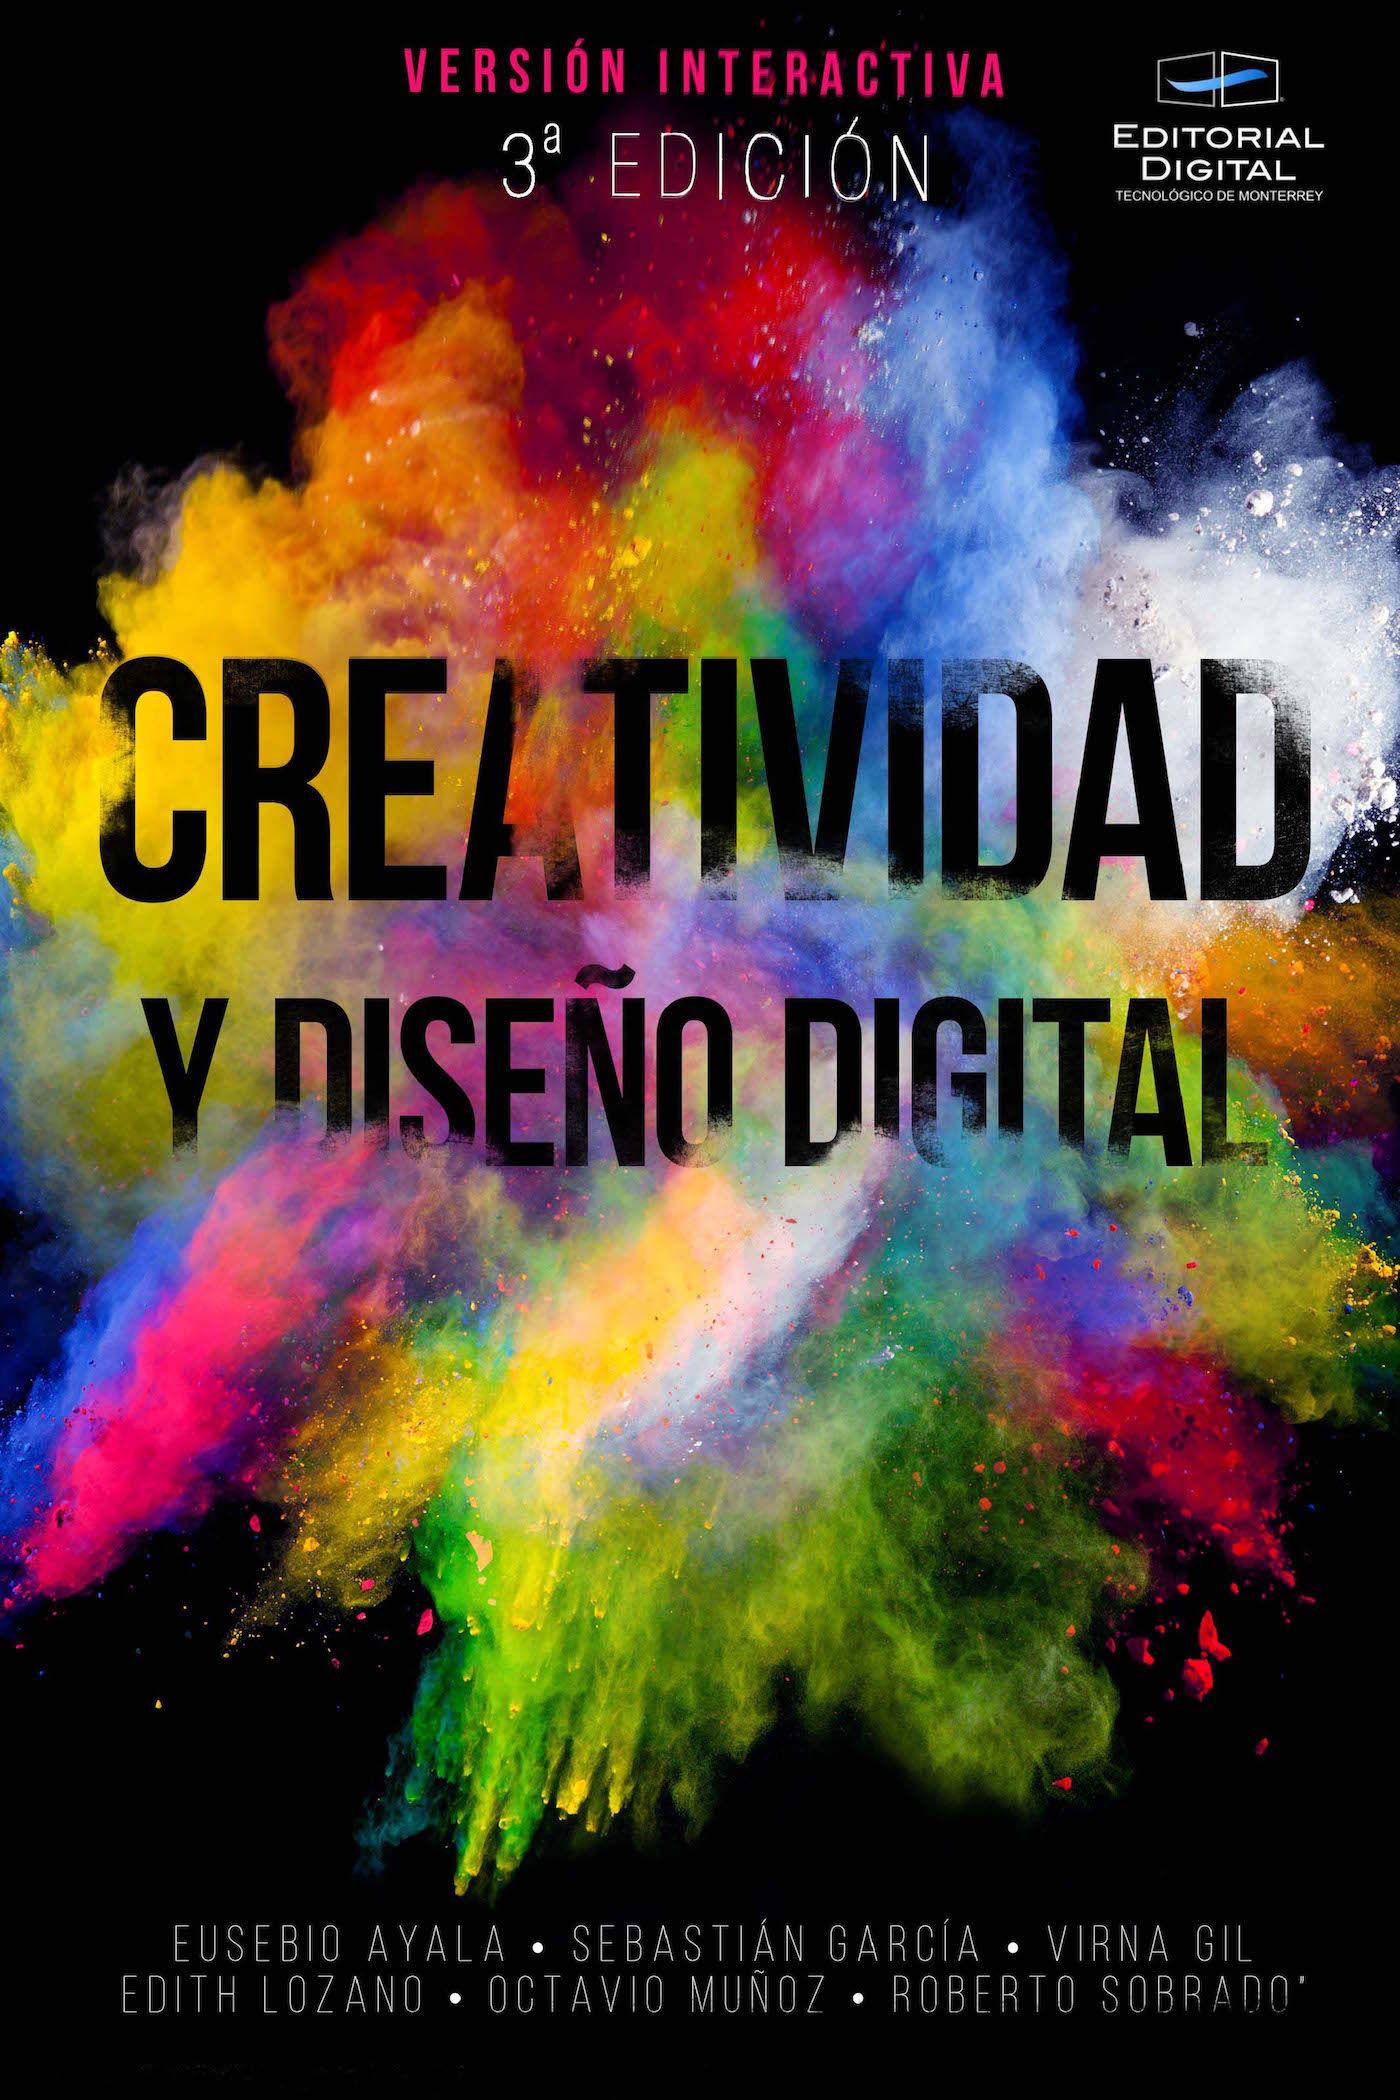 Creatividad y diseño digital. Tercera edición Versión interactiva Eusebio Ayala Torres y otros en iBooks